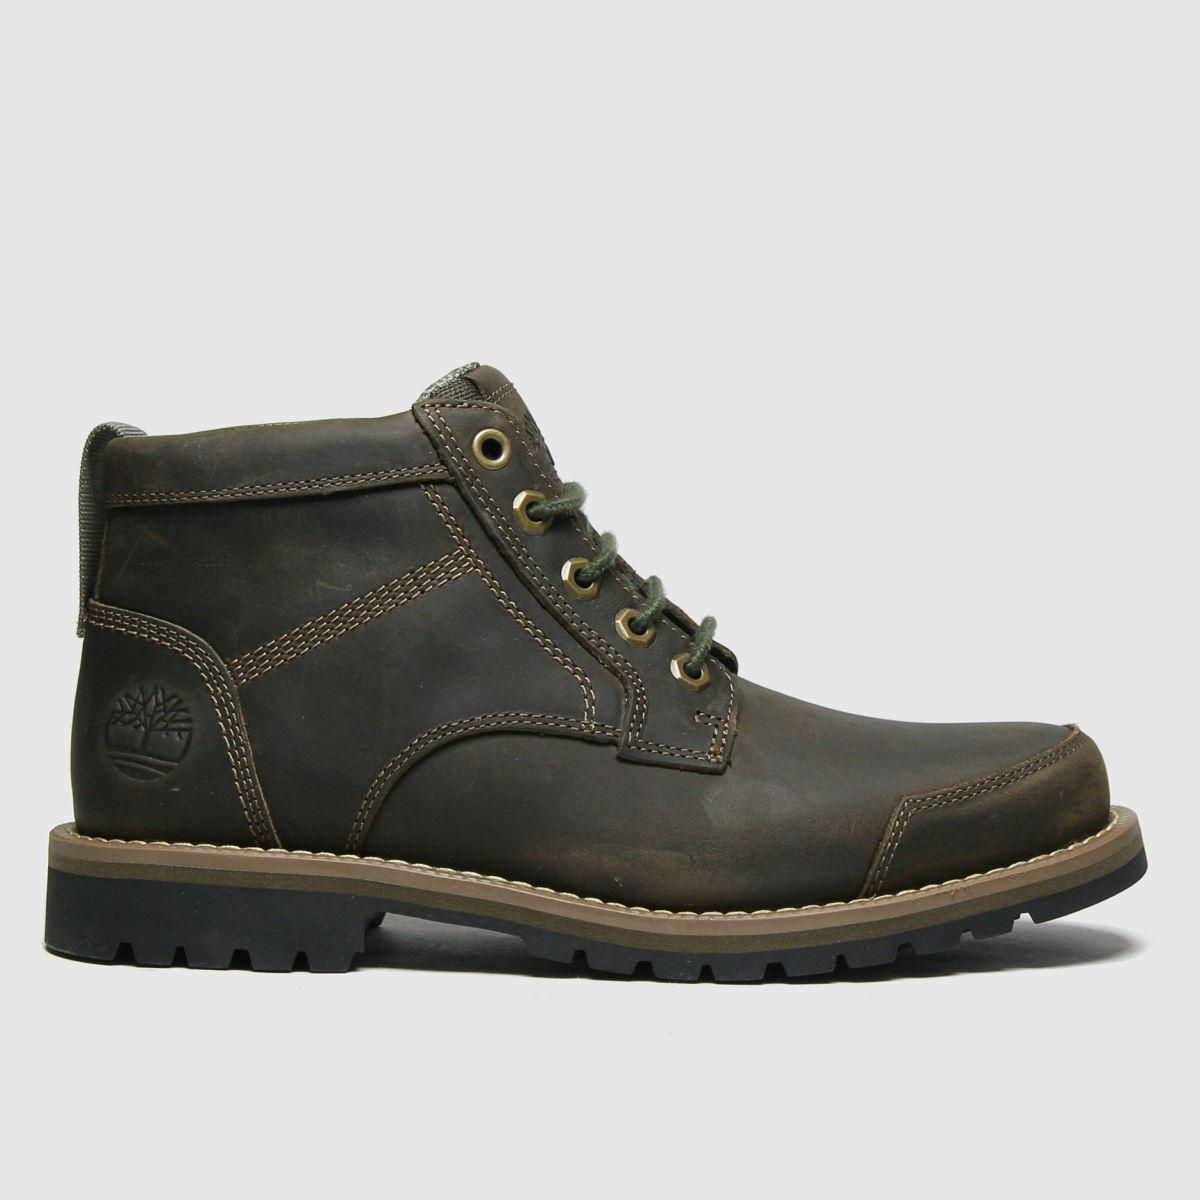 Timberland Khaki Larchmont Ii 5 Eye Chukka Boots